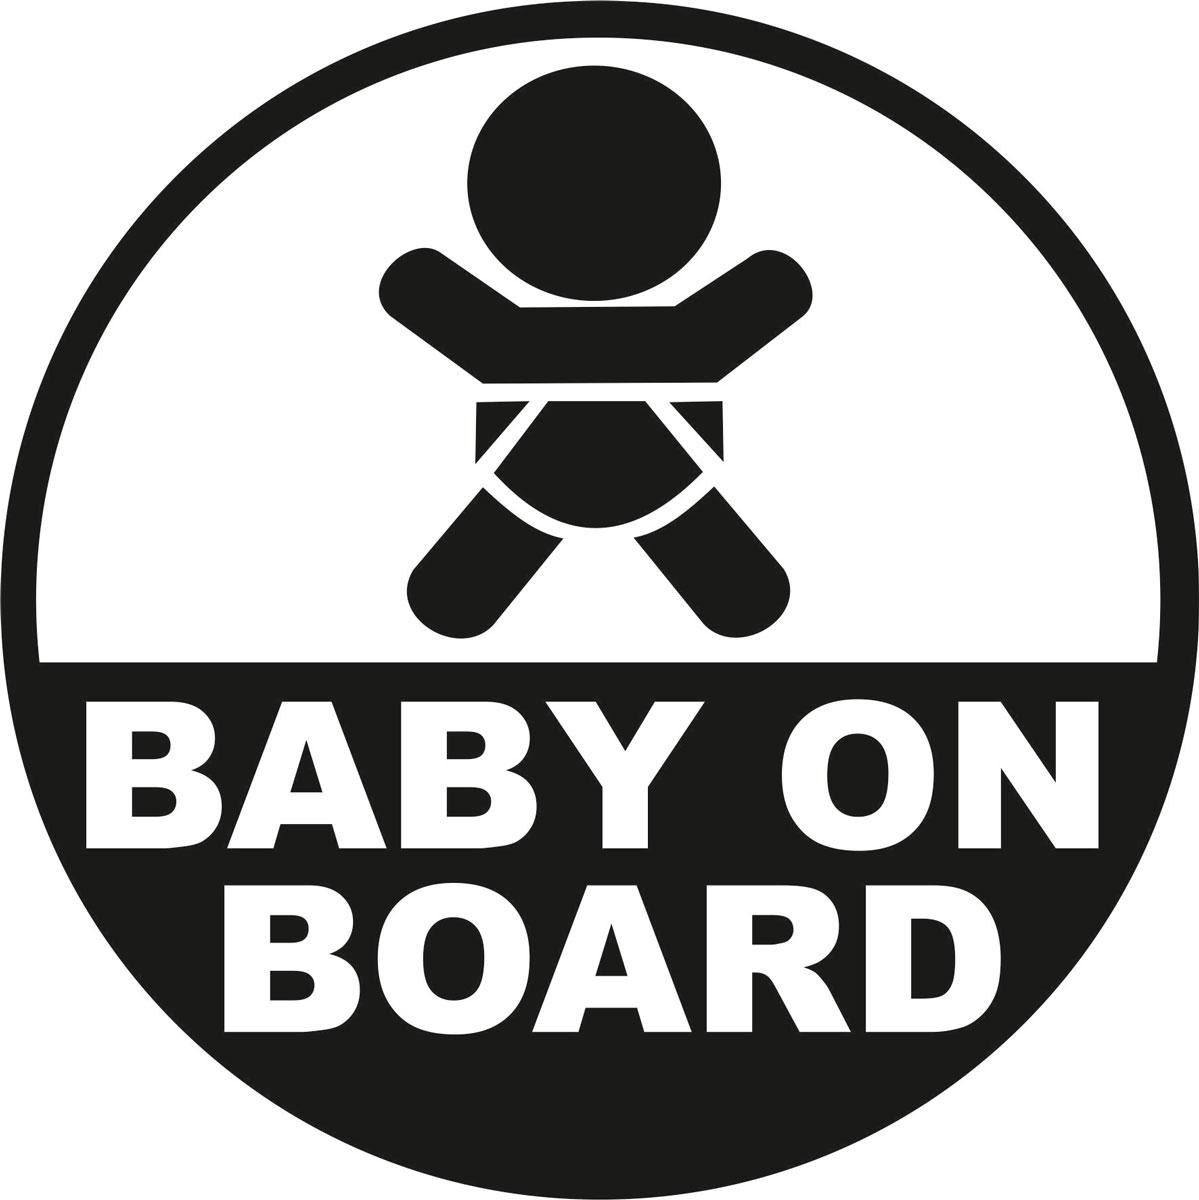 Наклейка автомобильная Оранжевый слоник Baby on Board. Круг, виниловая, цвет: черный наклейка автомобильная оранжевый слоник герб россии виниловая цвет черный